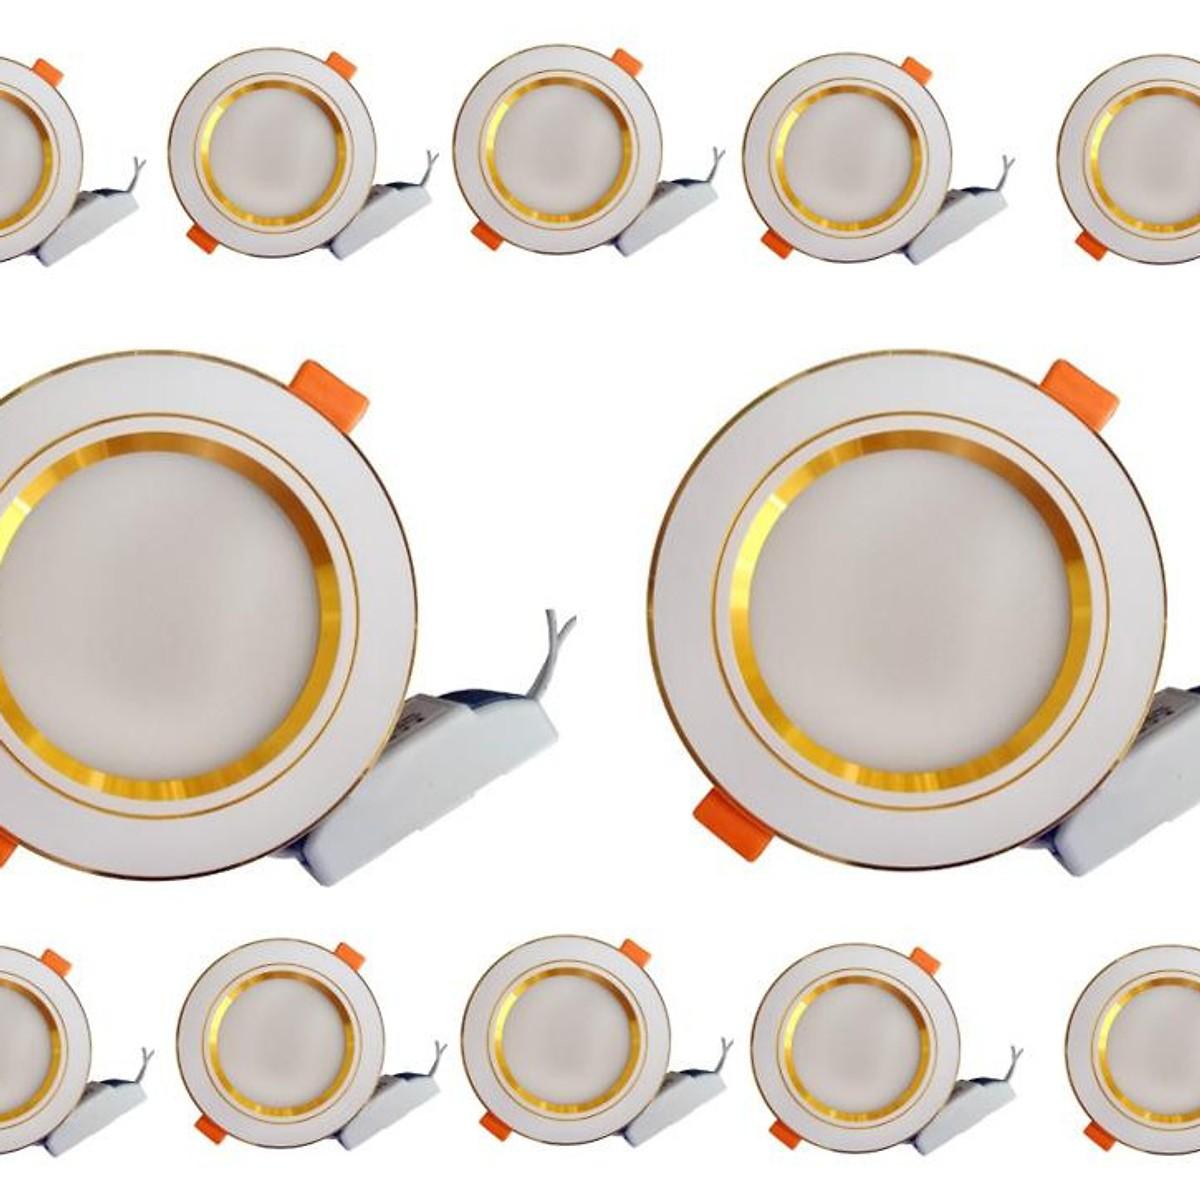 Bộ combo 10 bóng đèn âm trần 9w, viền vàng, 3 chế độ sáng, lỗ khoét 110